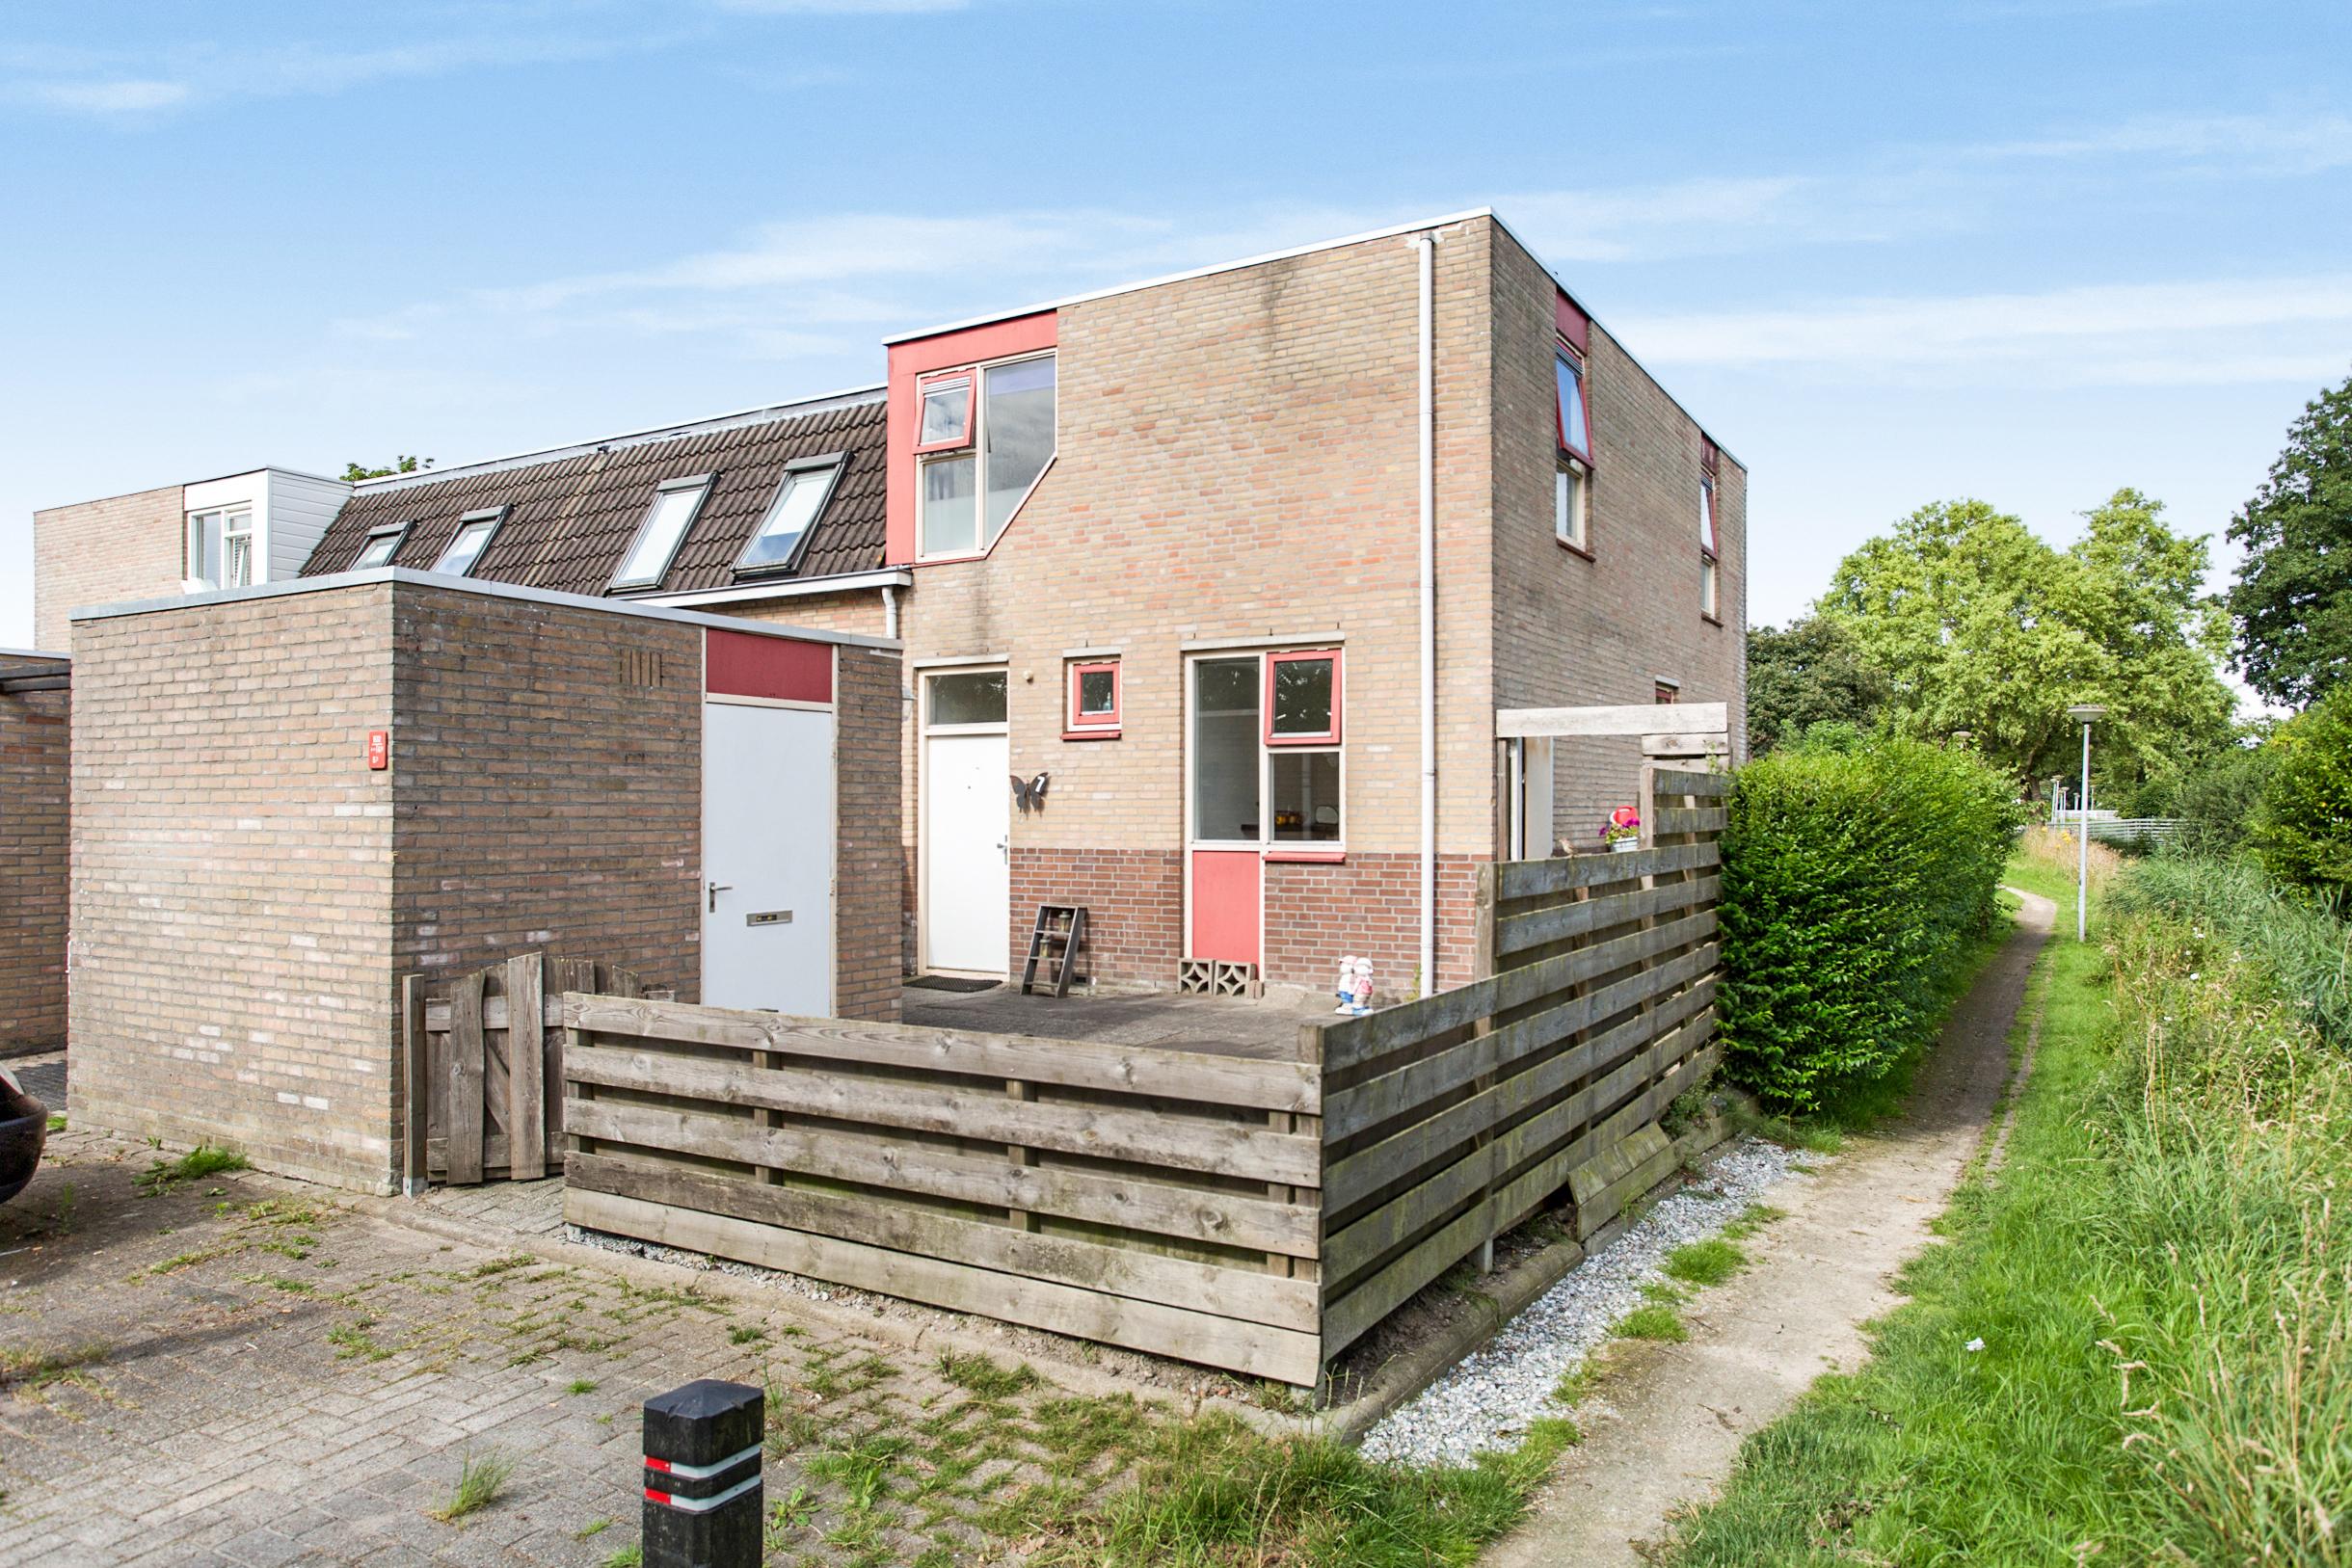 Edzemaheerd 7 – 9737 JA Groningen